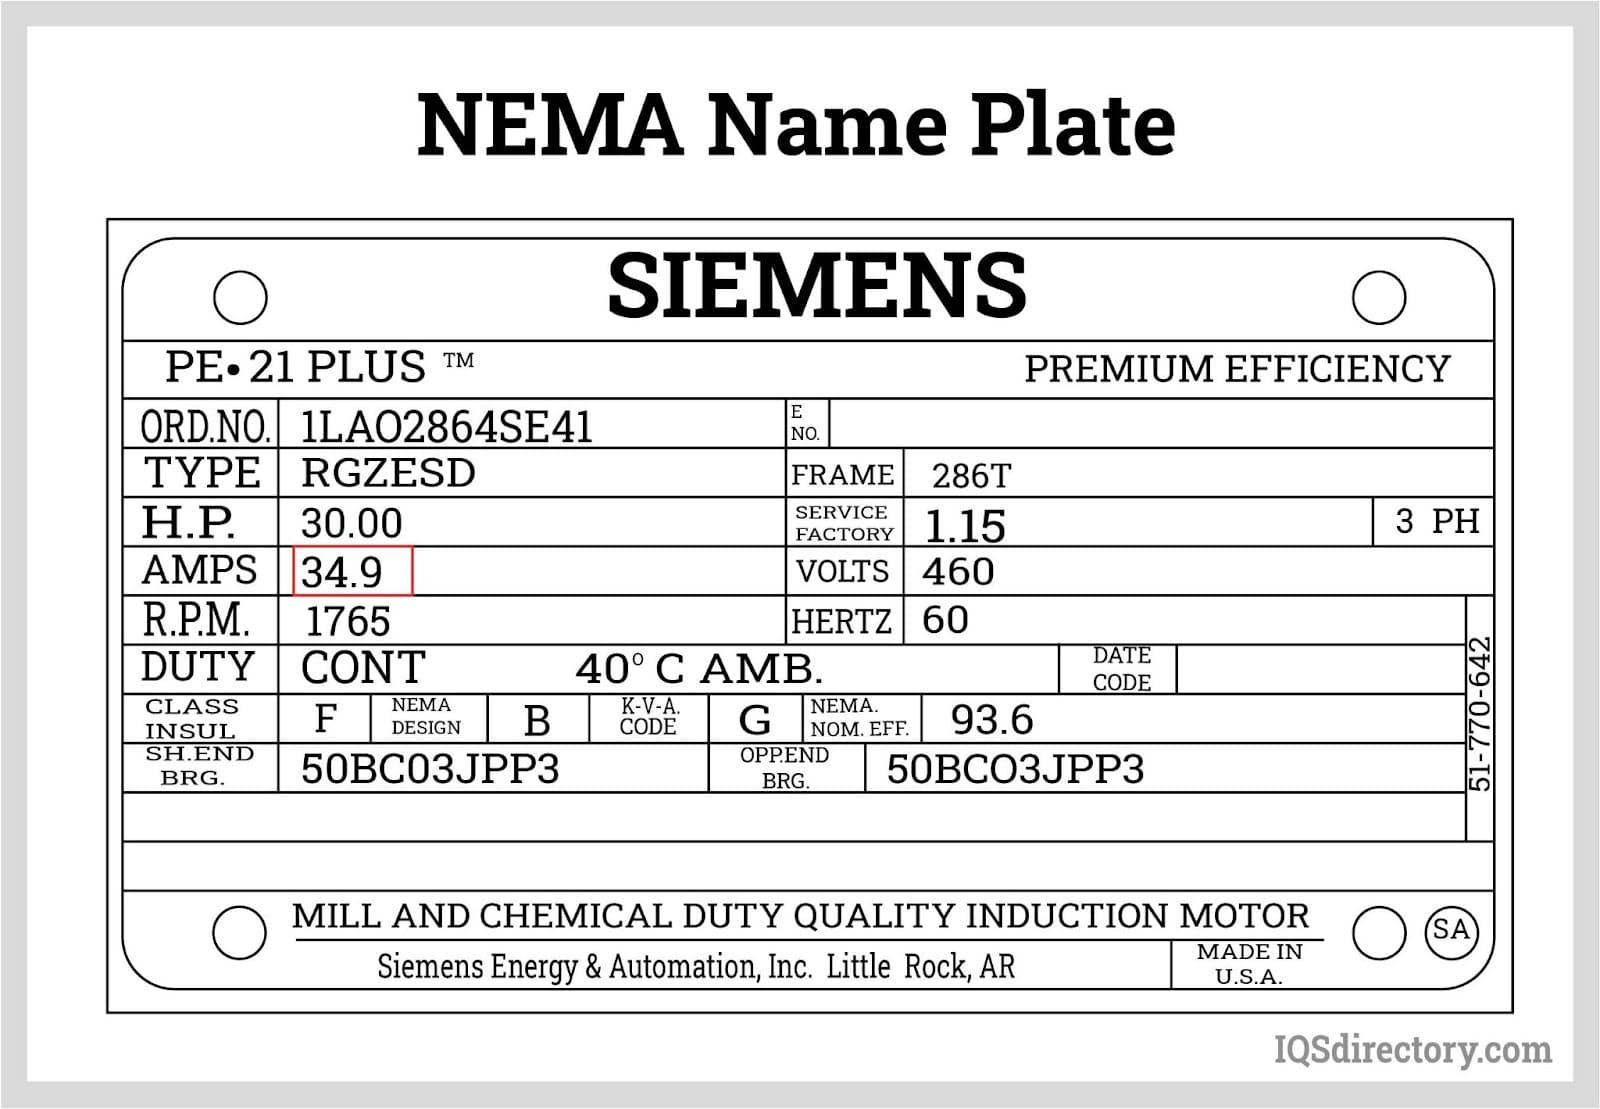 NEMA Name Plate